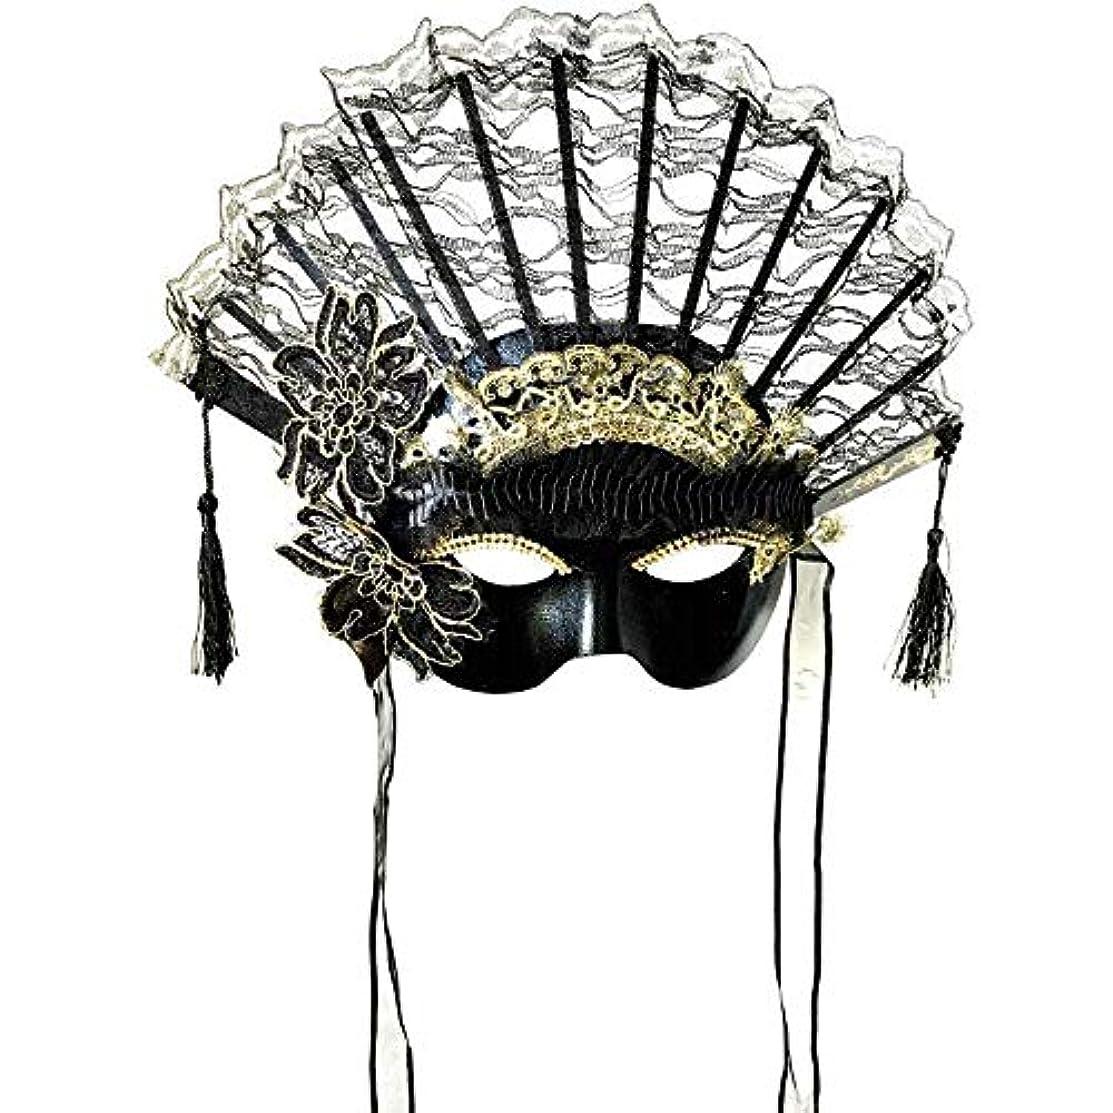 バイオリニスト説得スケルトンNanle ハロウィンクリスマスレースファンシェイプフラワーフリンジビーズマスク仮装マスクレディミスプリンセス美容祭パーティーデコレーションマスク (色 : Black B)